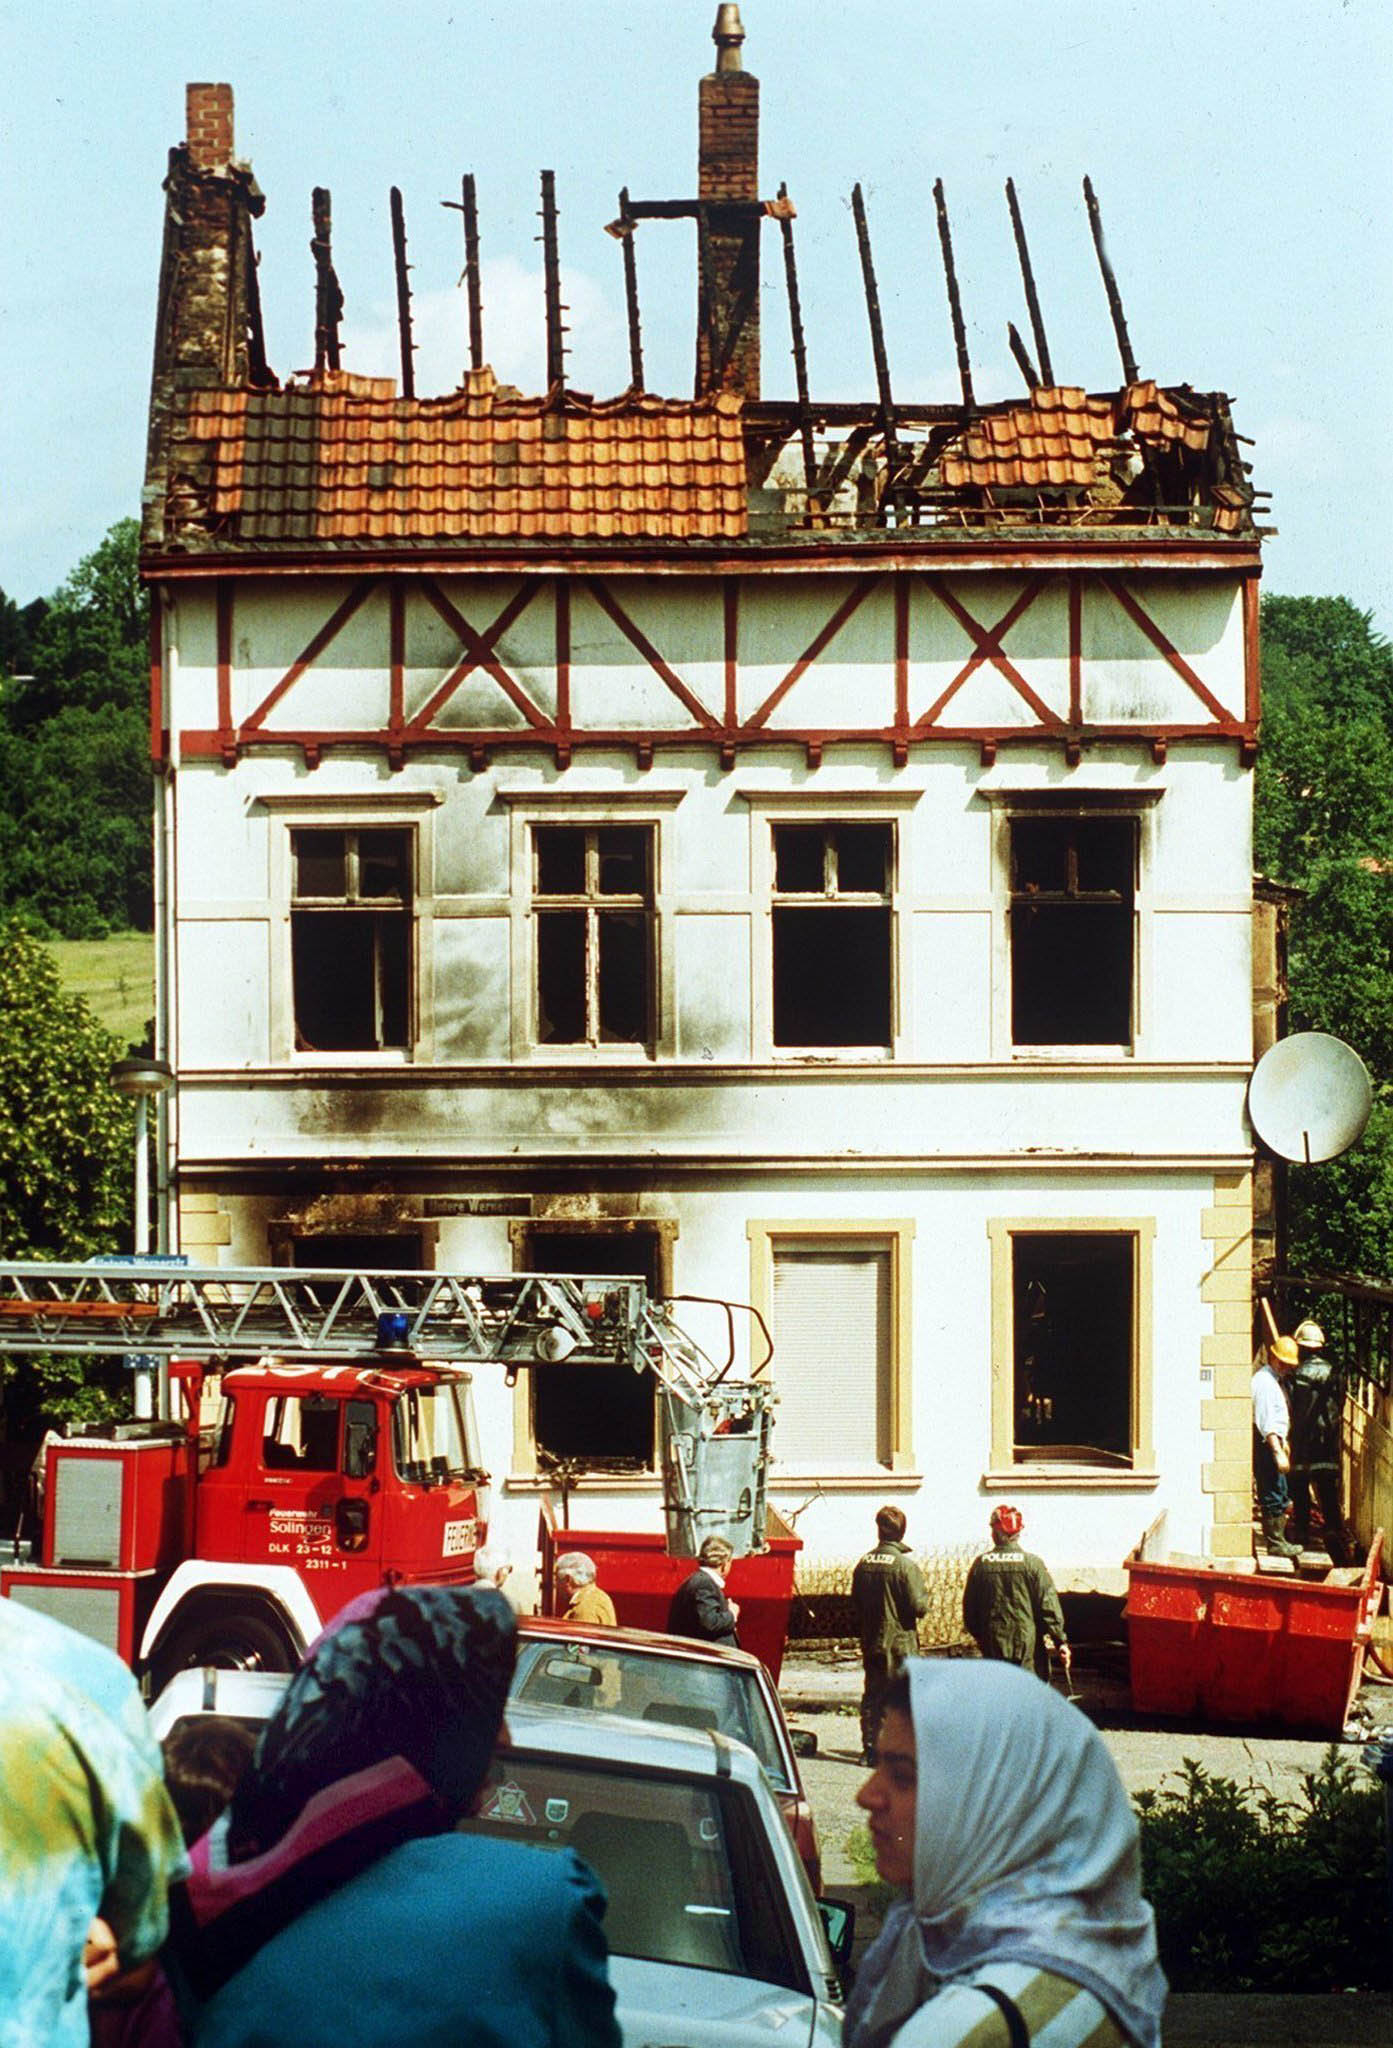 29.05.1993, Nordrhein-Westfalen, Solingen: Das bei dem Brandanschlag zerstörte Haus der türkischen Familie Genc in Solingen.